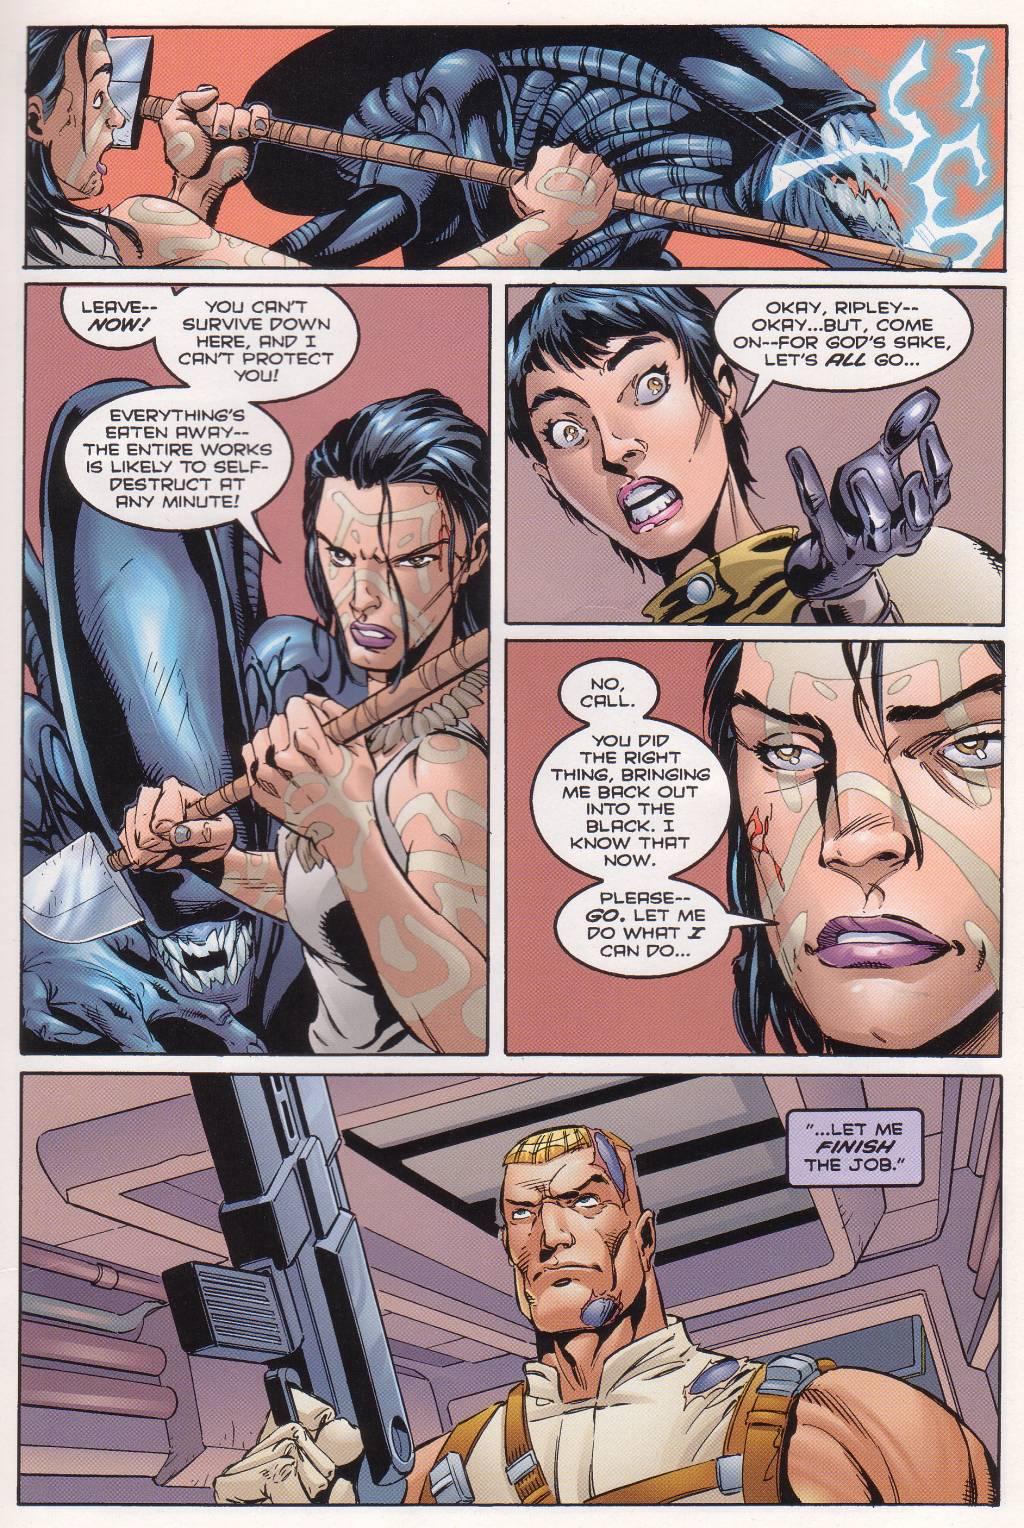 Бэтмен против Чужого?! Безумные комикс-кроссоверы сксеноморфами. - Изображение 27